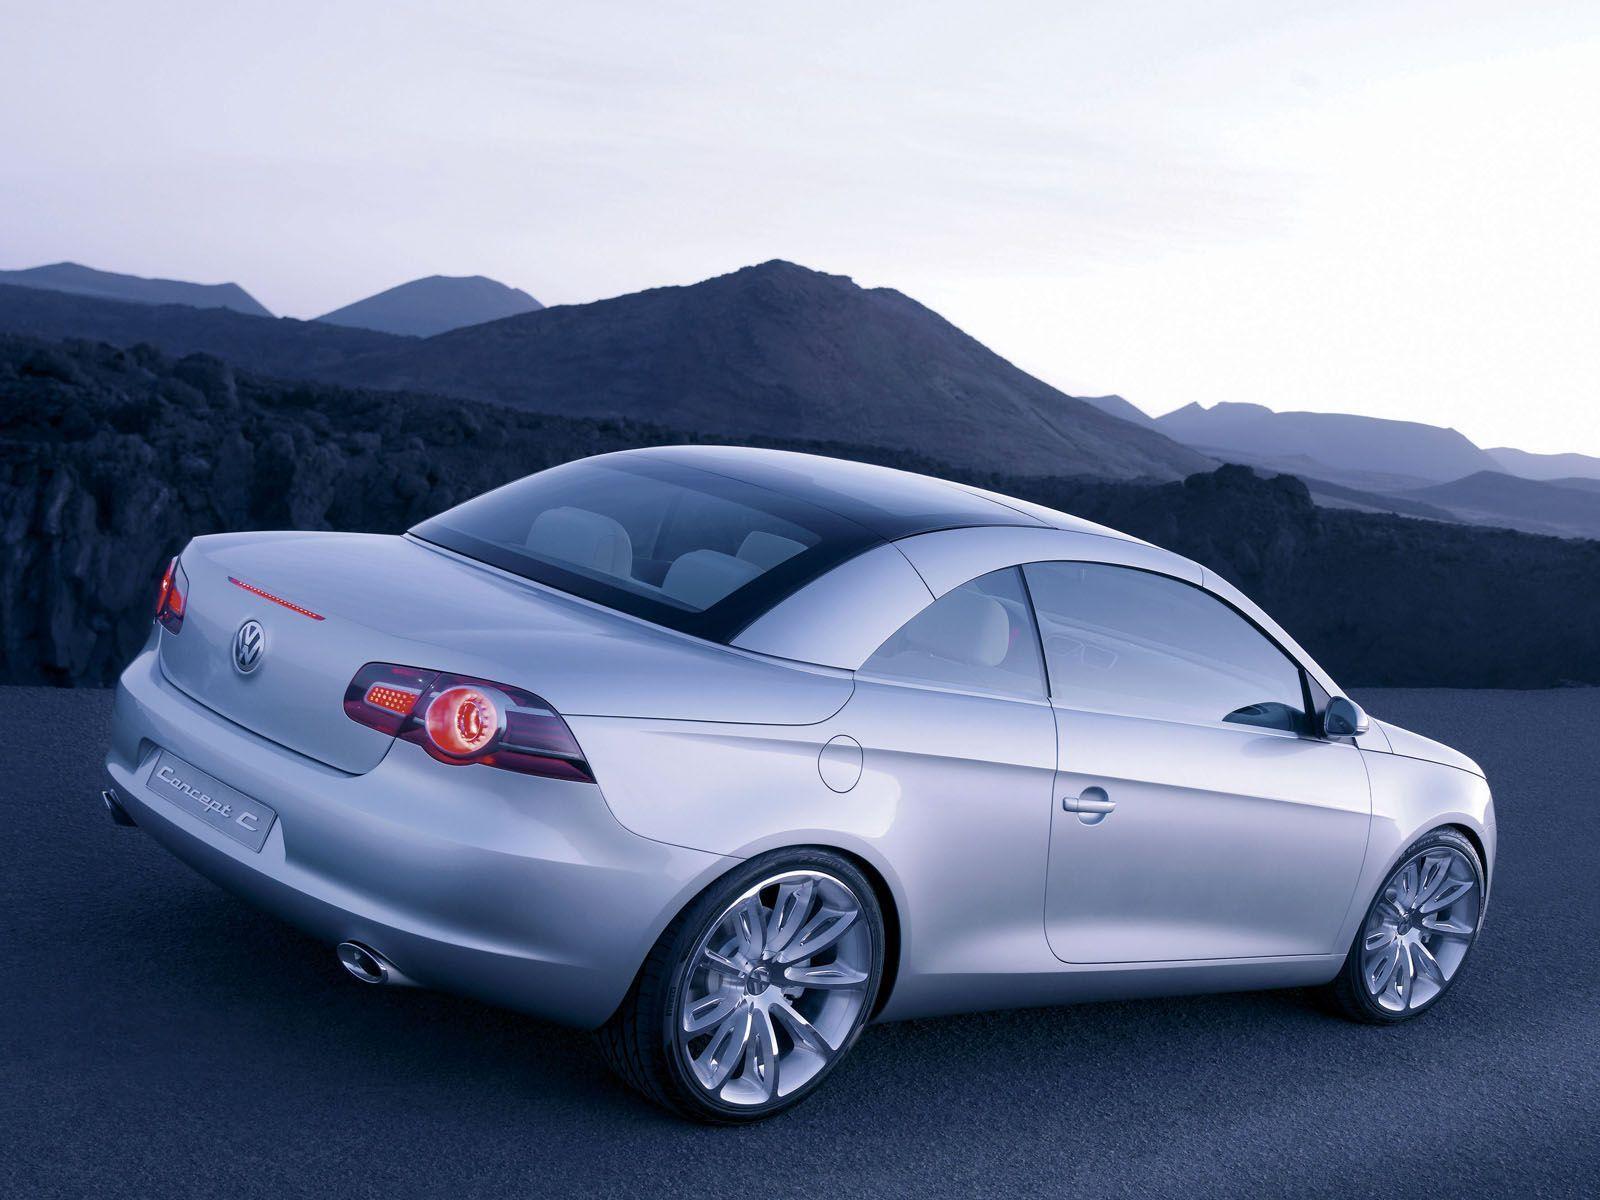 Volkswagen Concept C